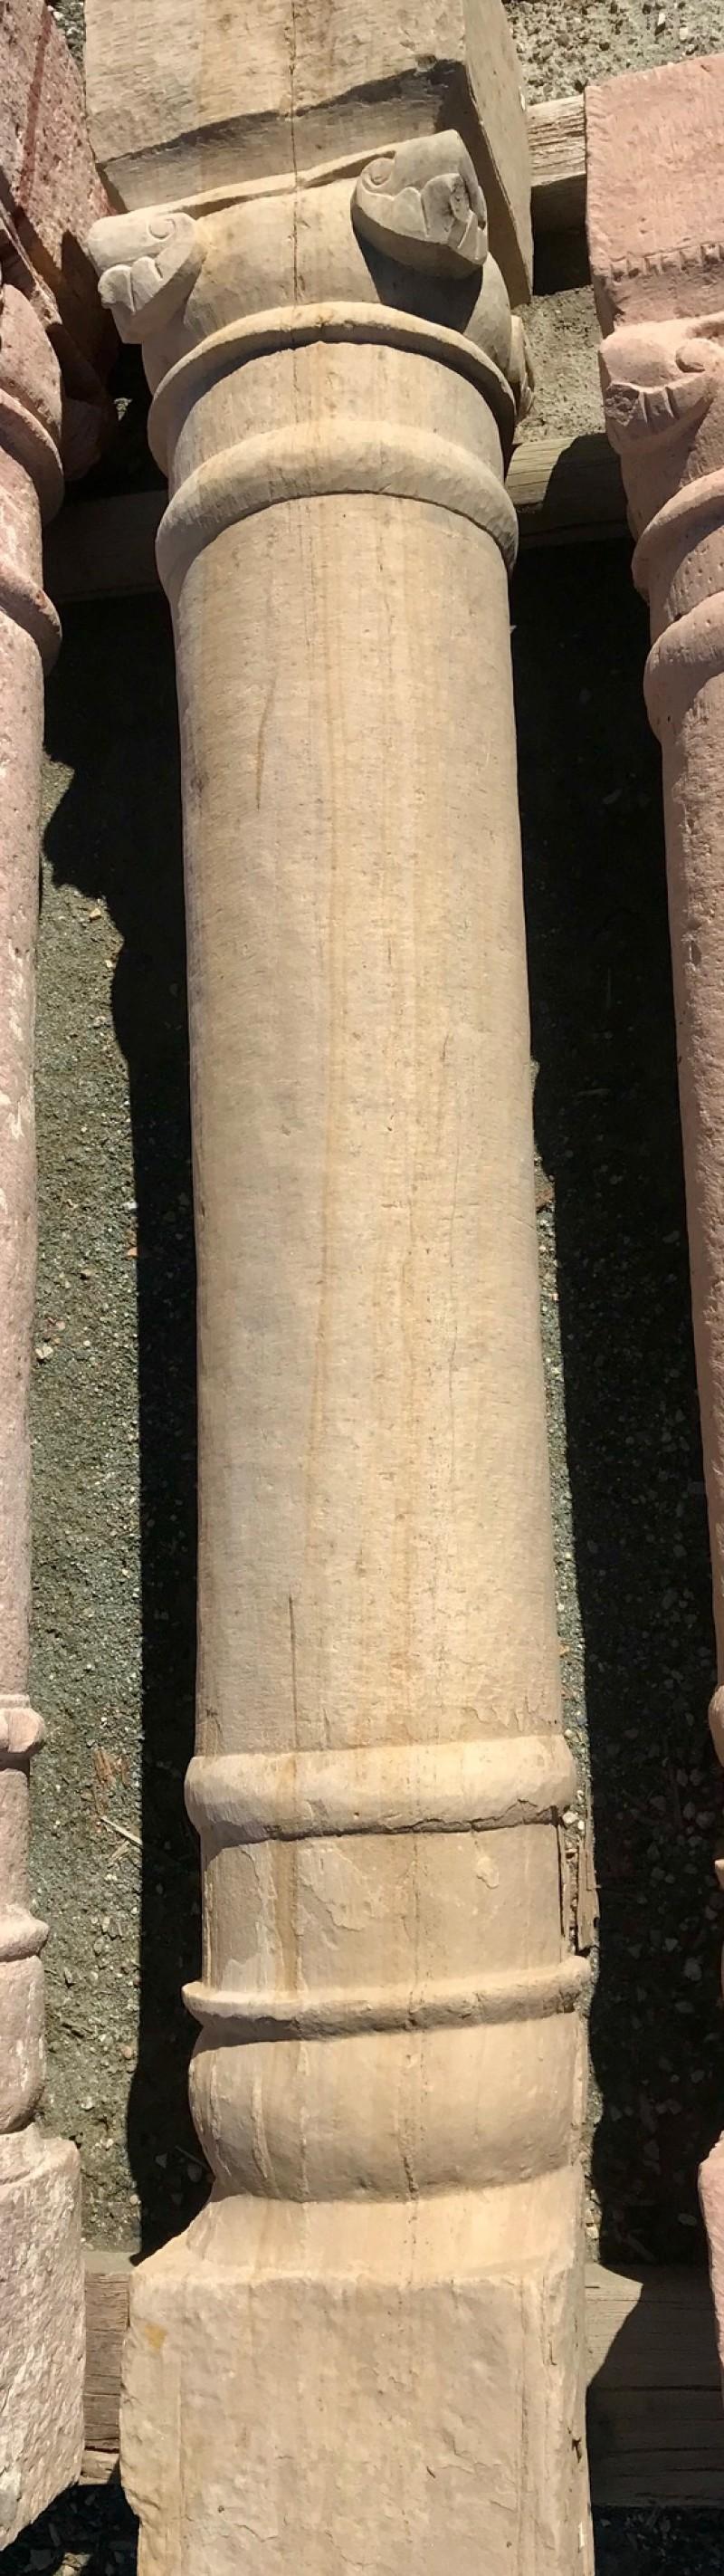 Columna de piedra antigua de una pieza. Mide 1,80 cm de alta.